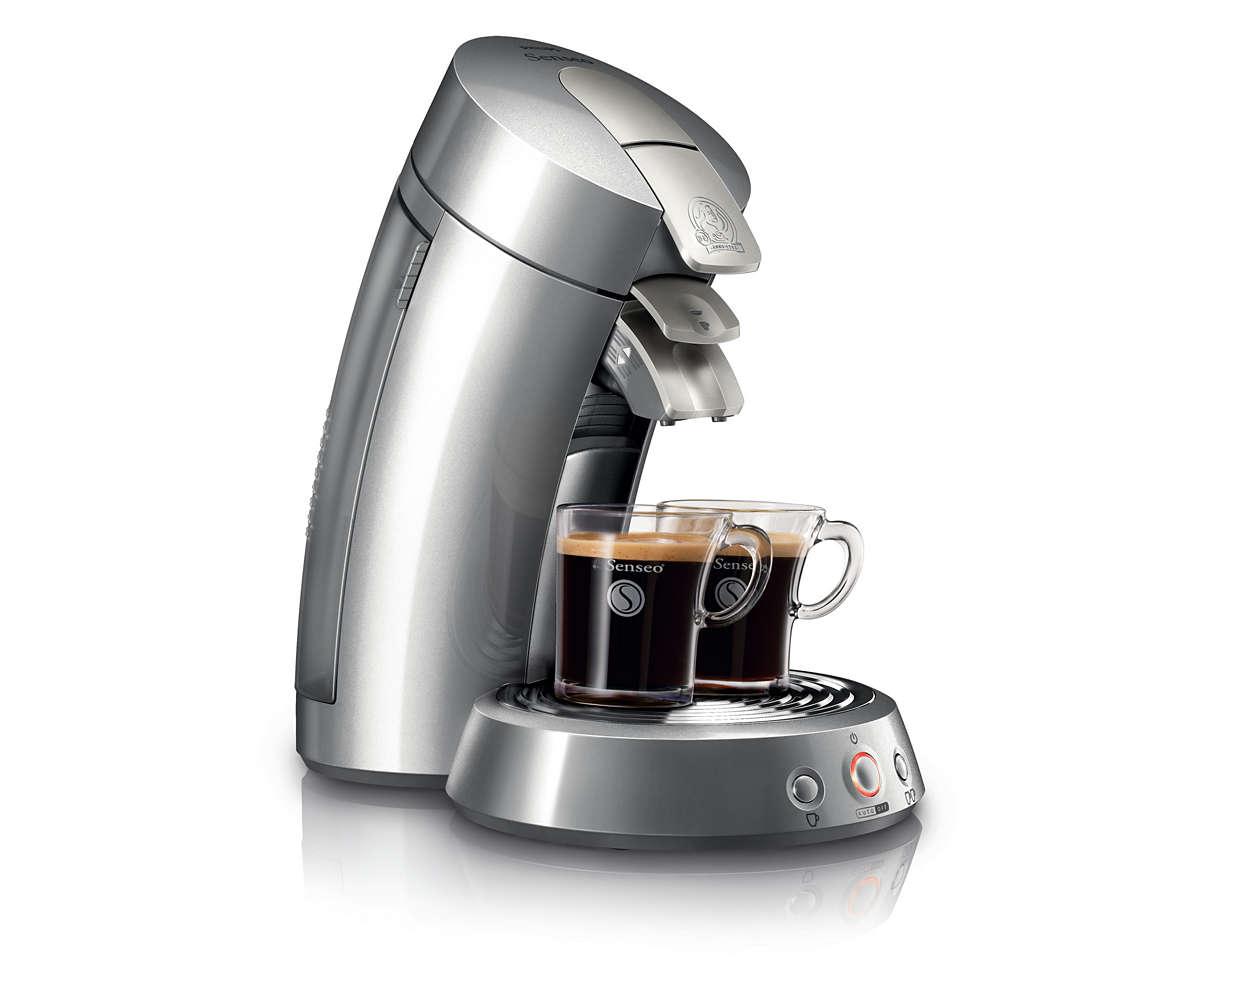 Sensationeller Kaffee mit einzigartiger Crema